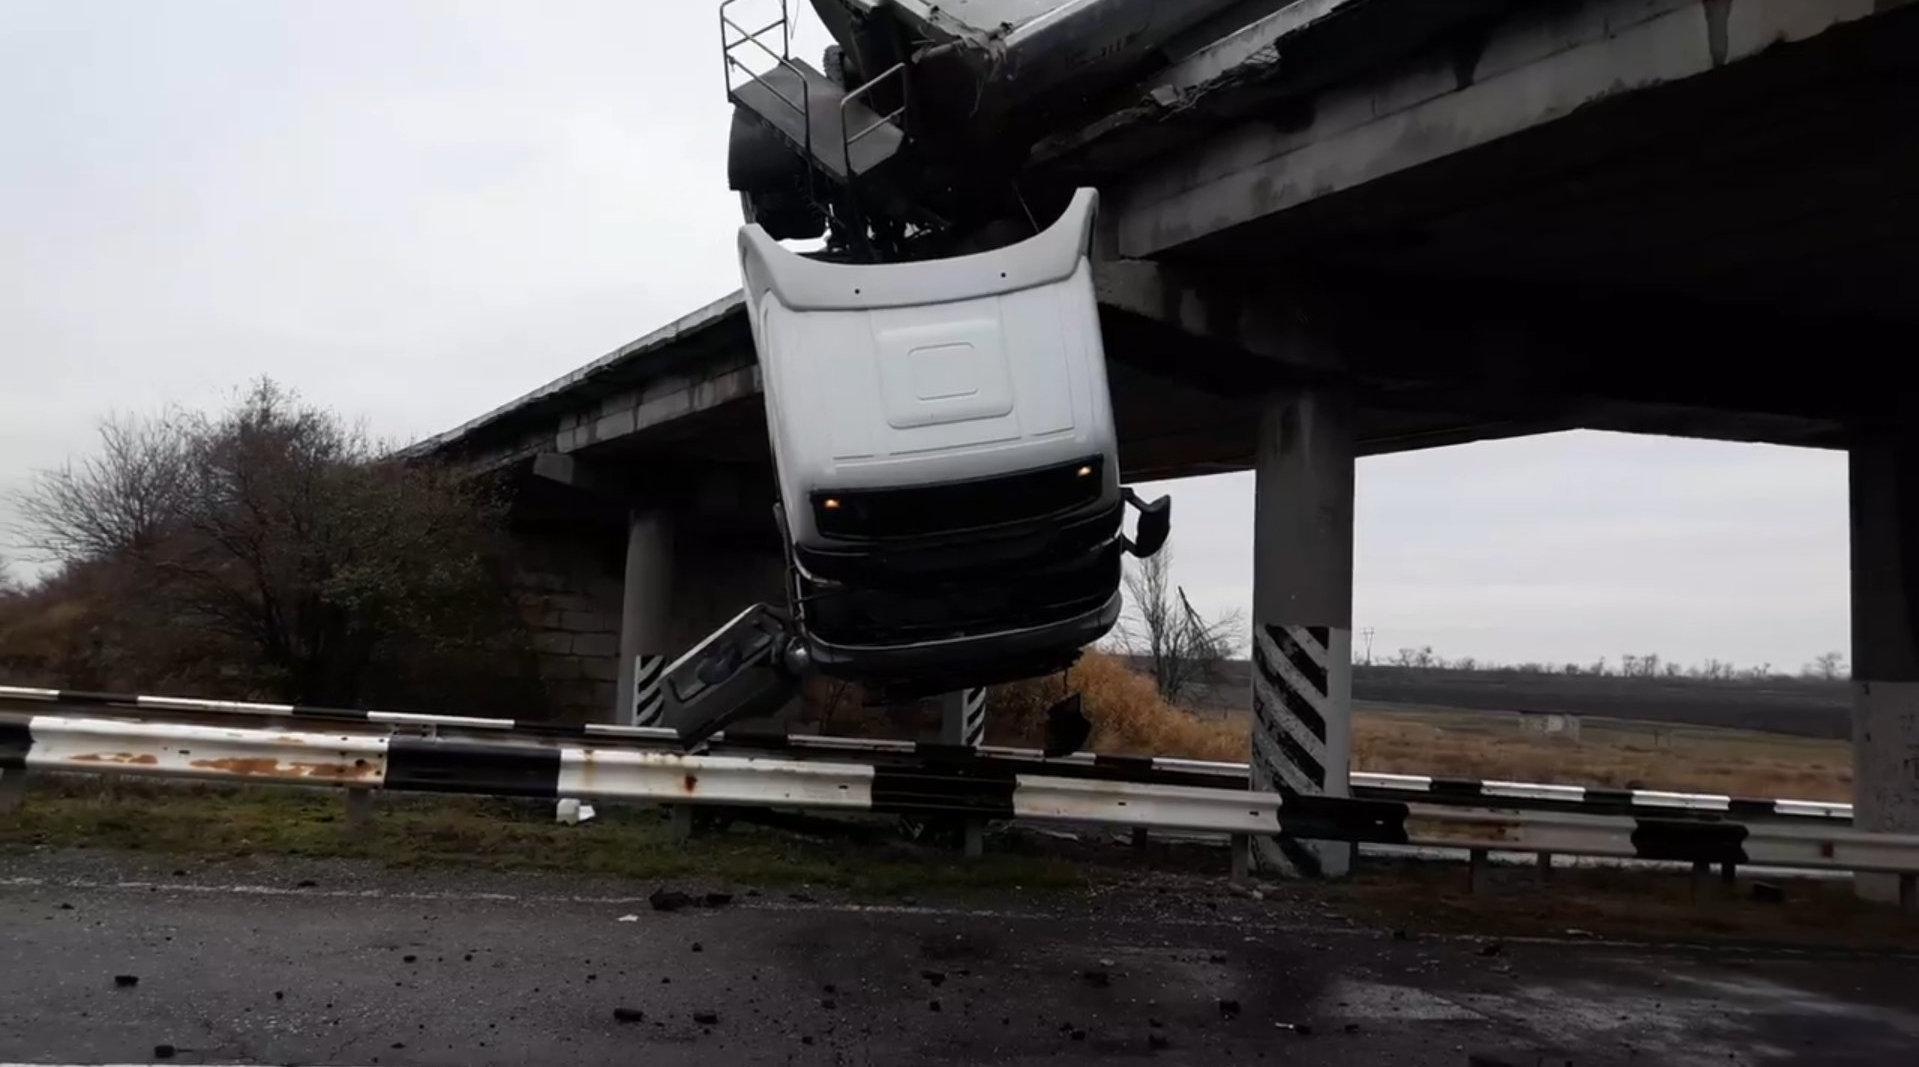 乌克兰一卡车冲破护栏 倒挂在桥上